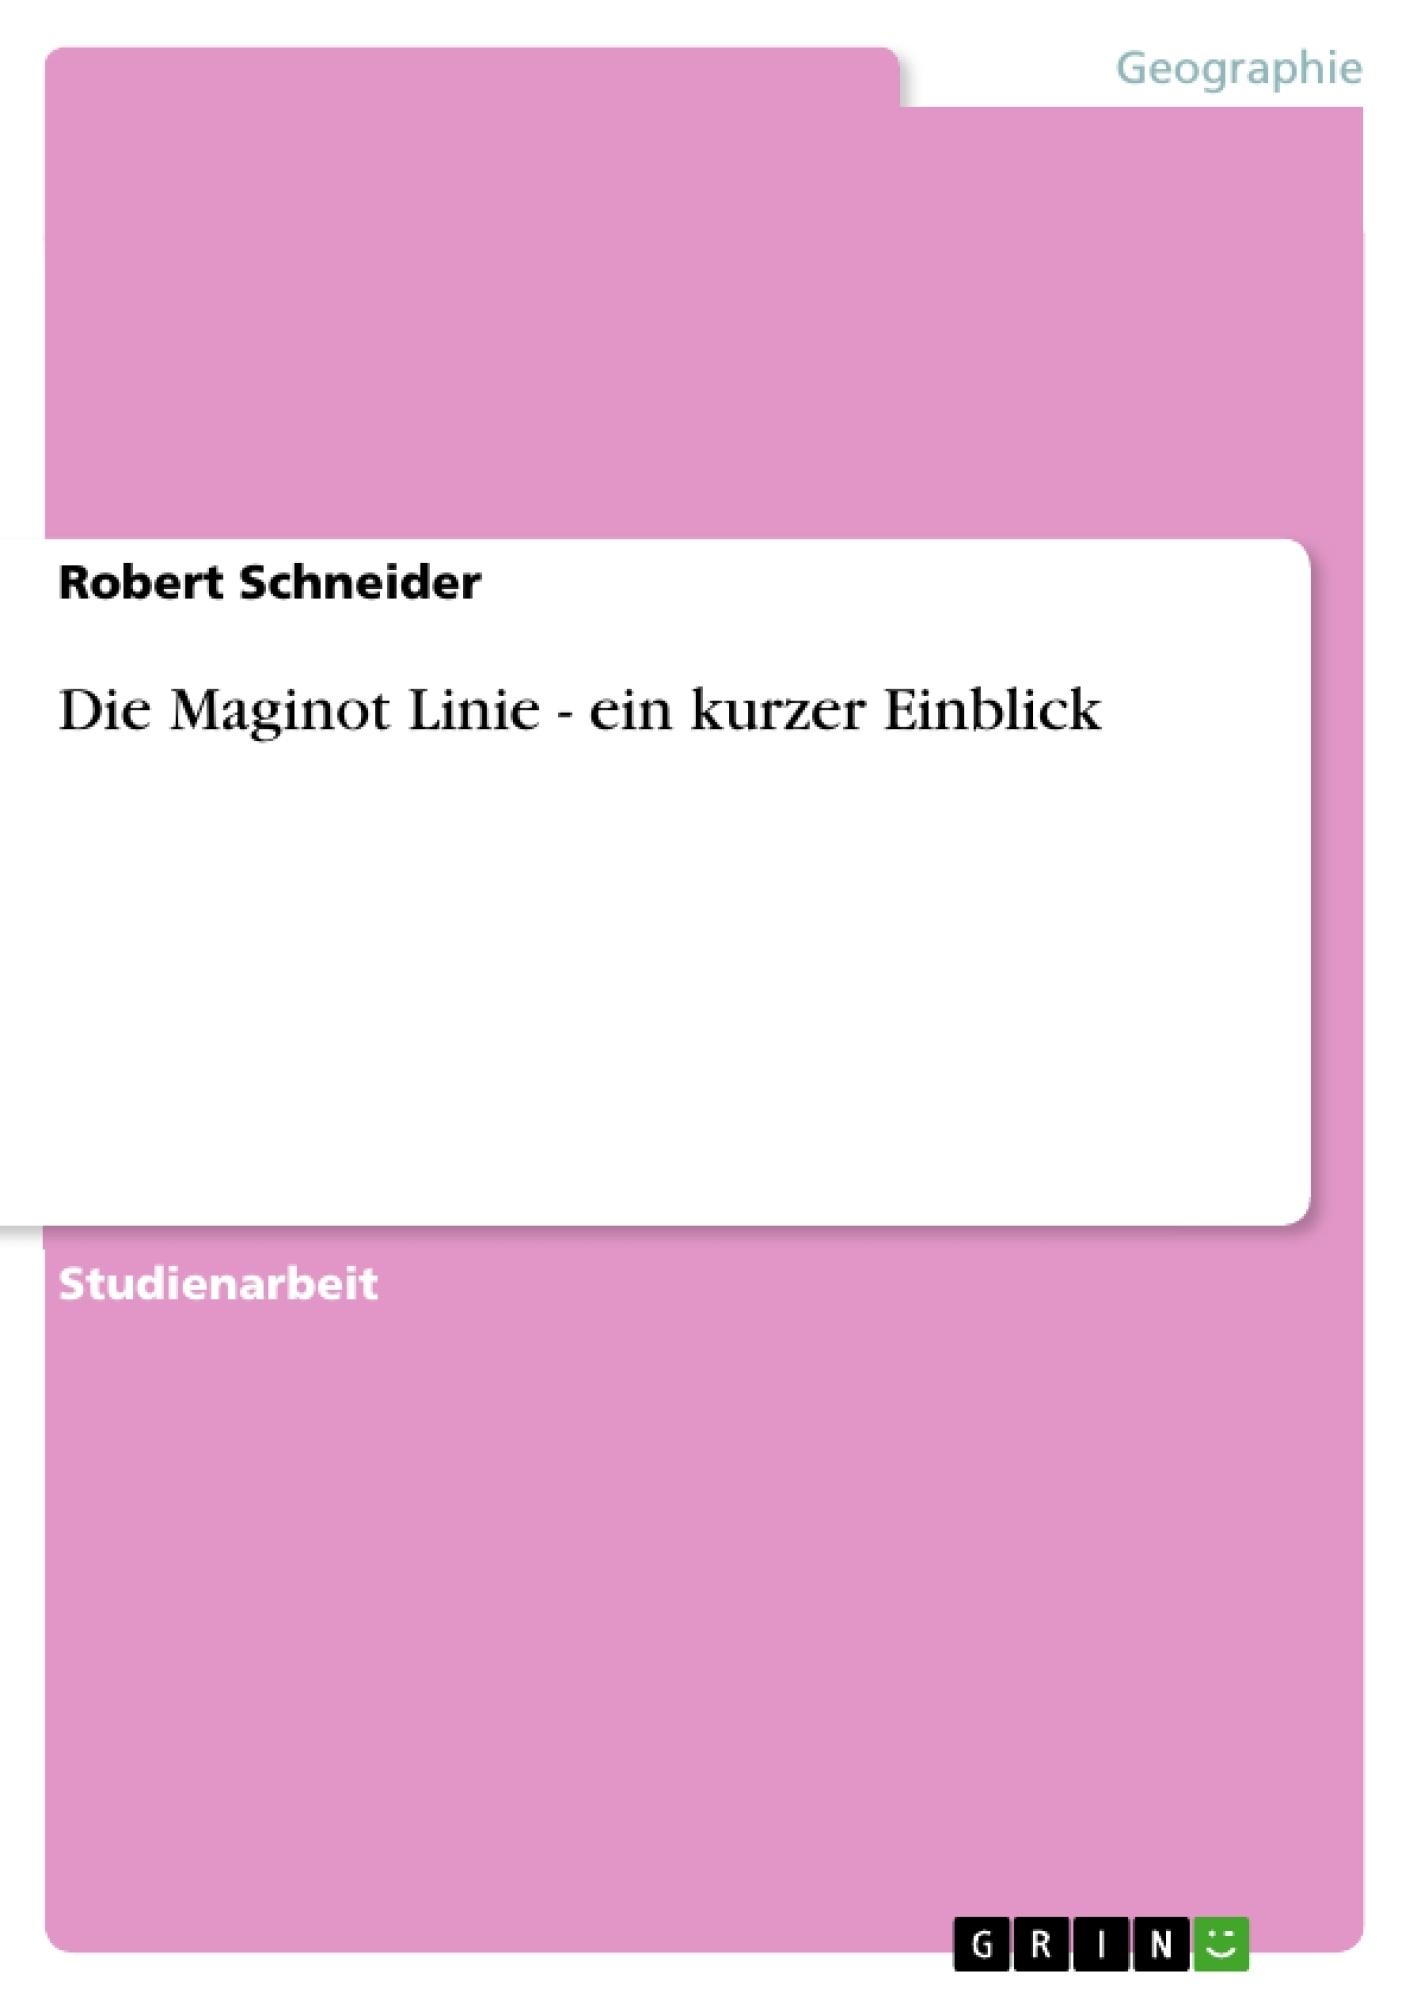 Titel: Die Maginot Linie - ein kurzer Einblick